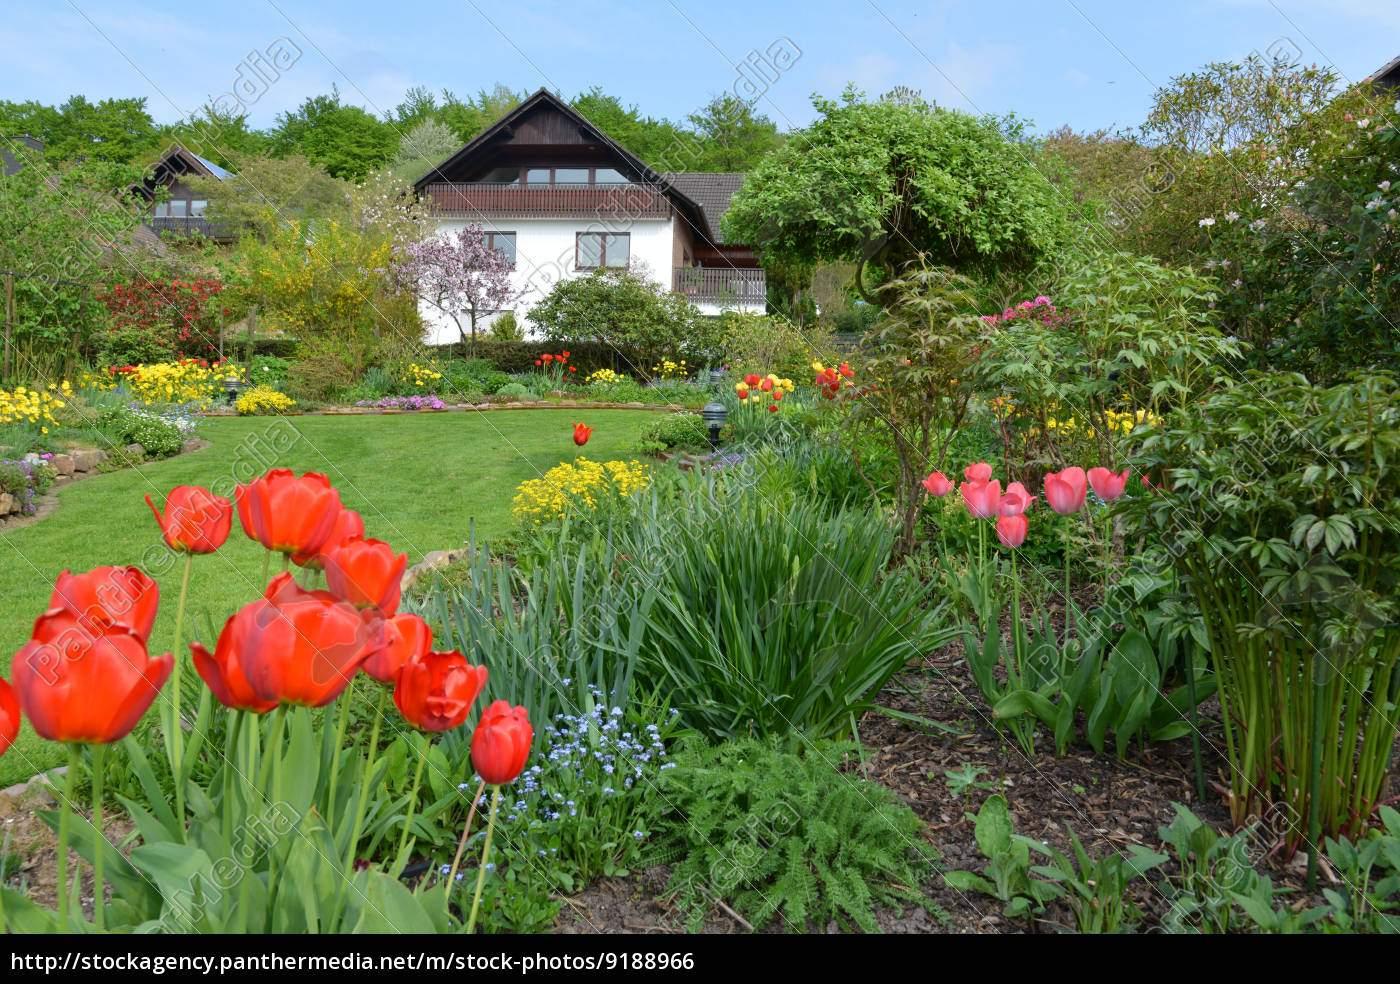 Schöner Garten Genial Stock Bild Schöner Garten Im Frühling